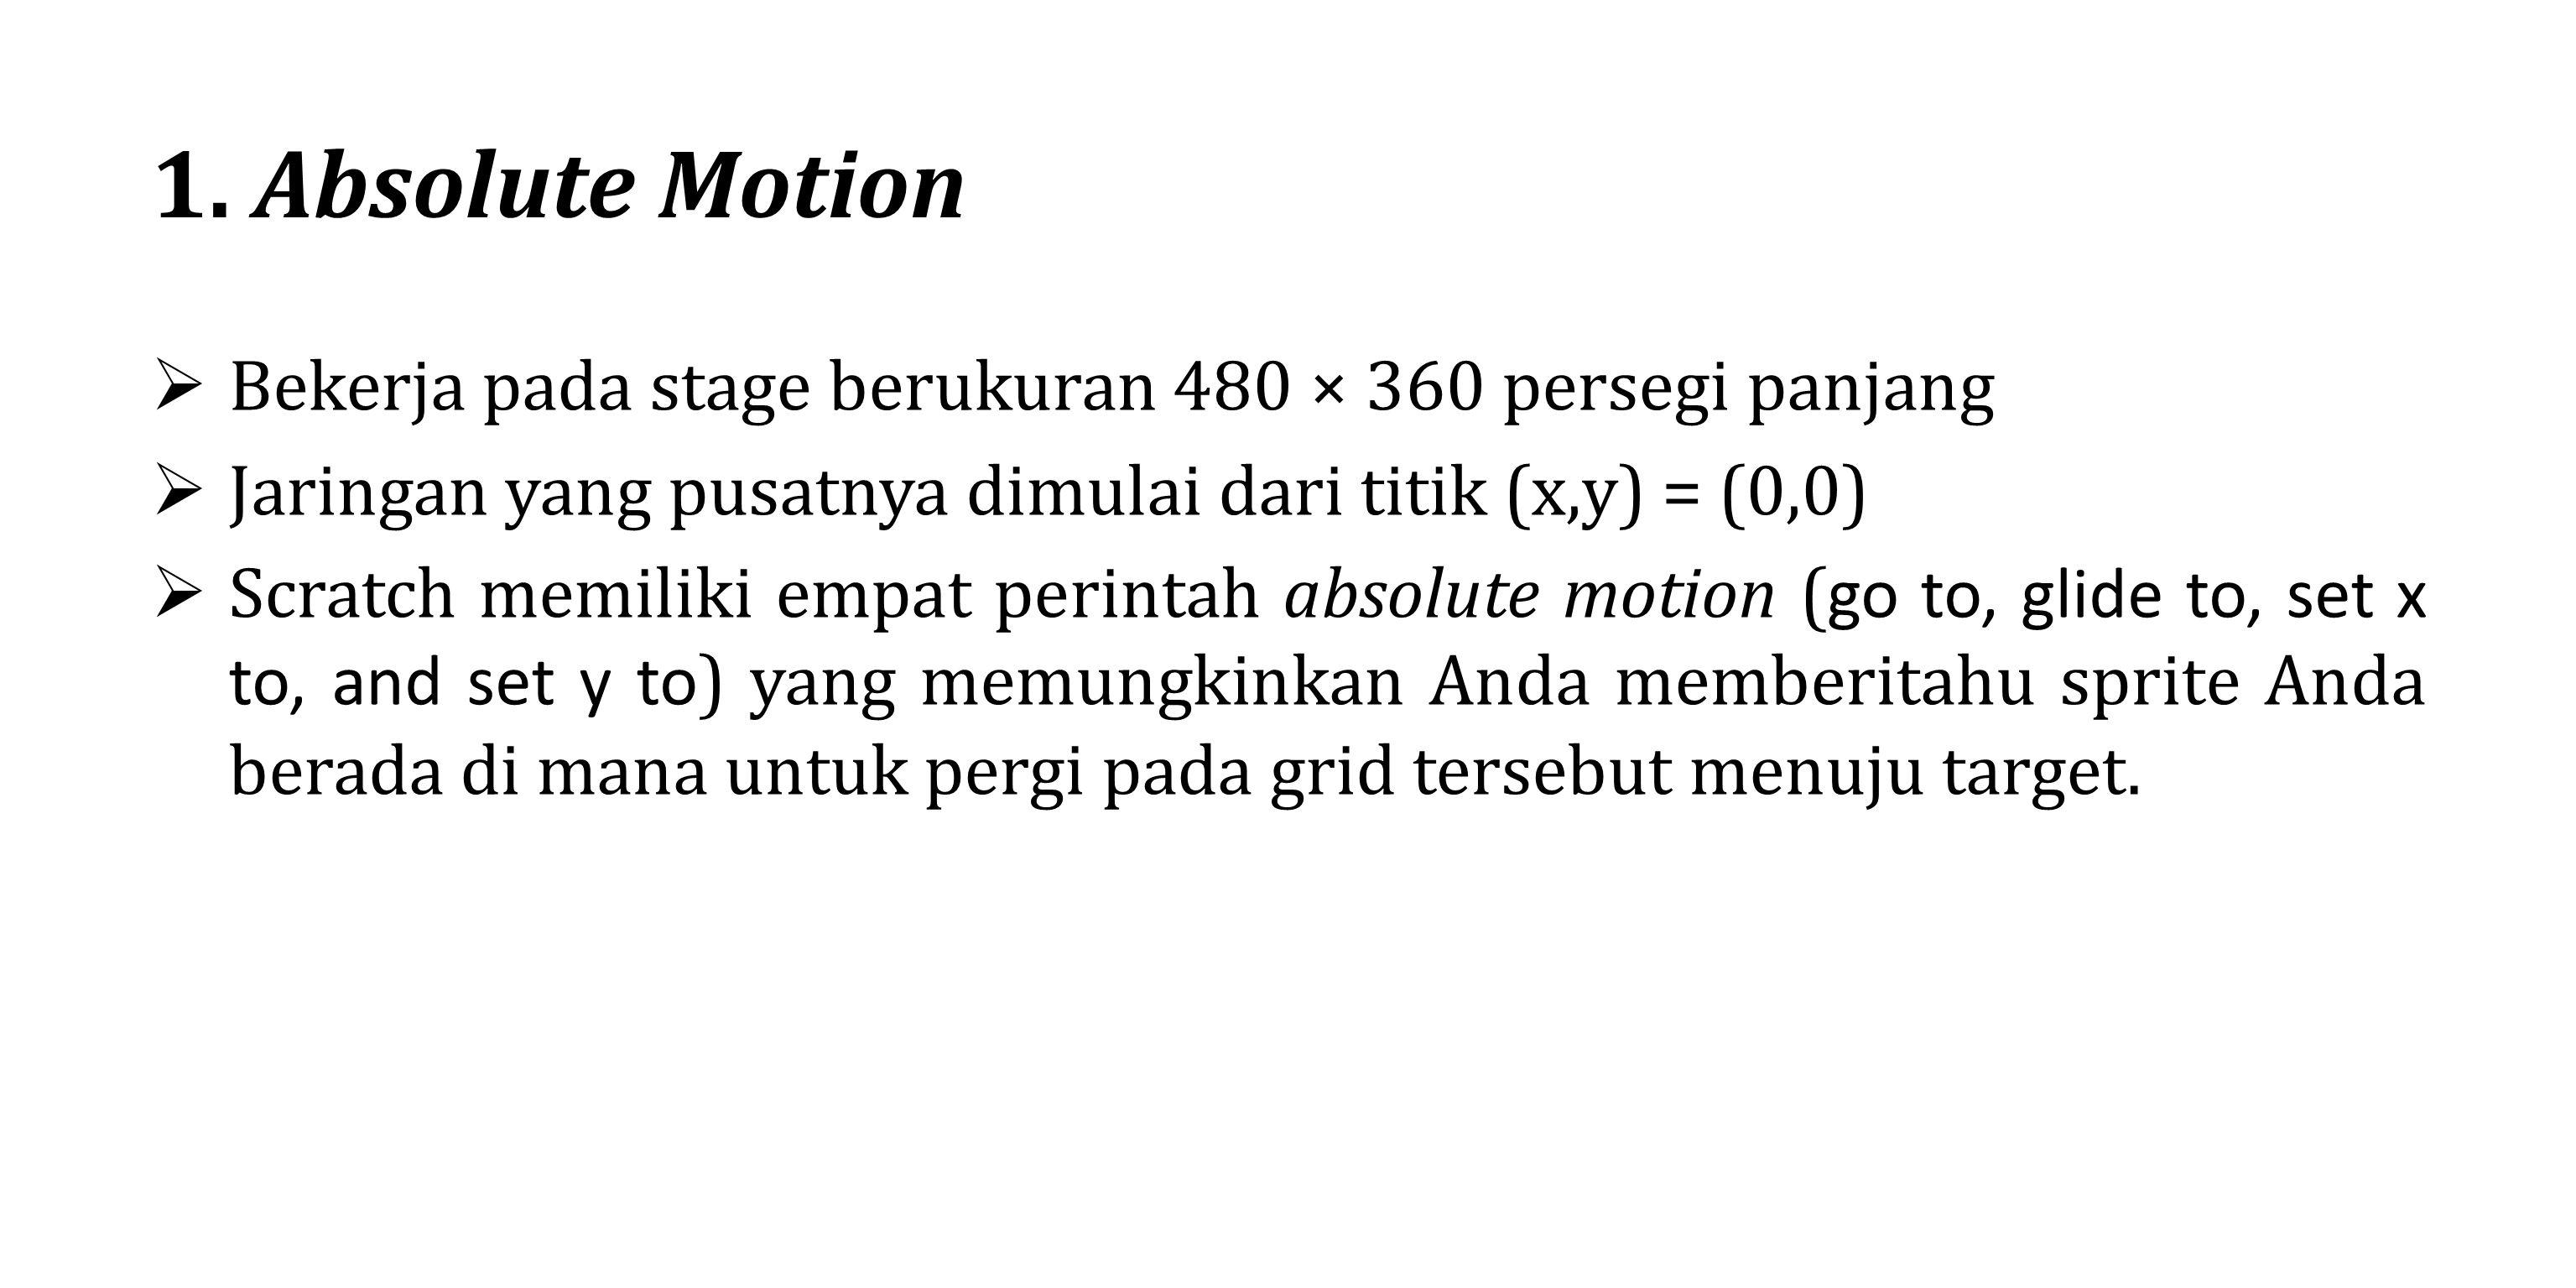 1. Absolute Motion Bekerja pada stage berukuran 480 × 360 persegi panjang. Jaringan yang pusatnya dimulai dari titik (x,y) = (0,0)